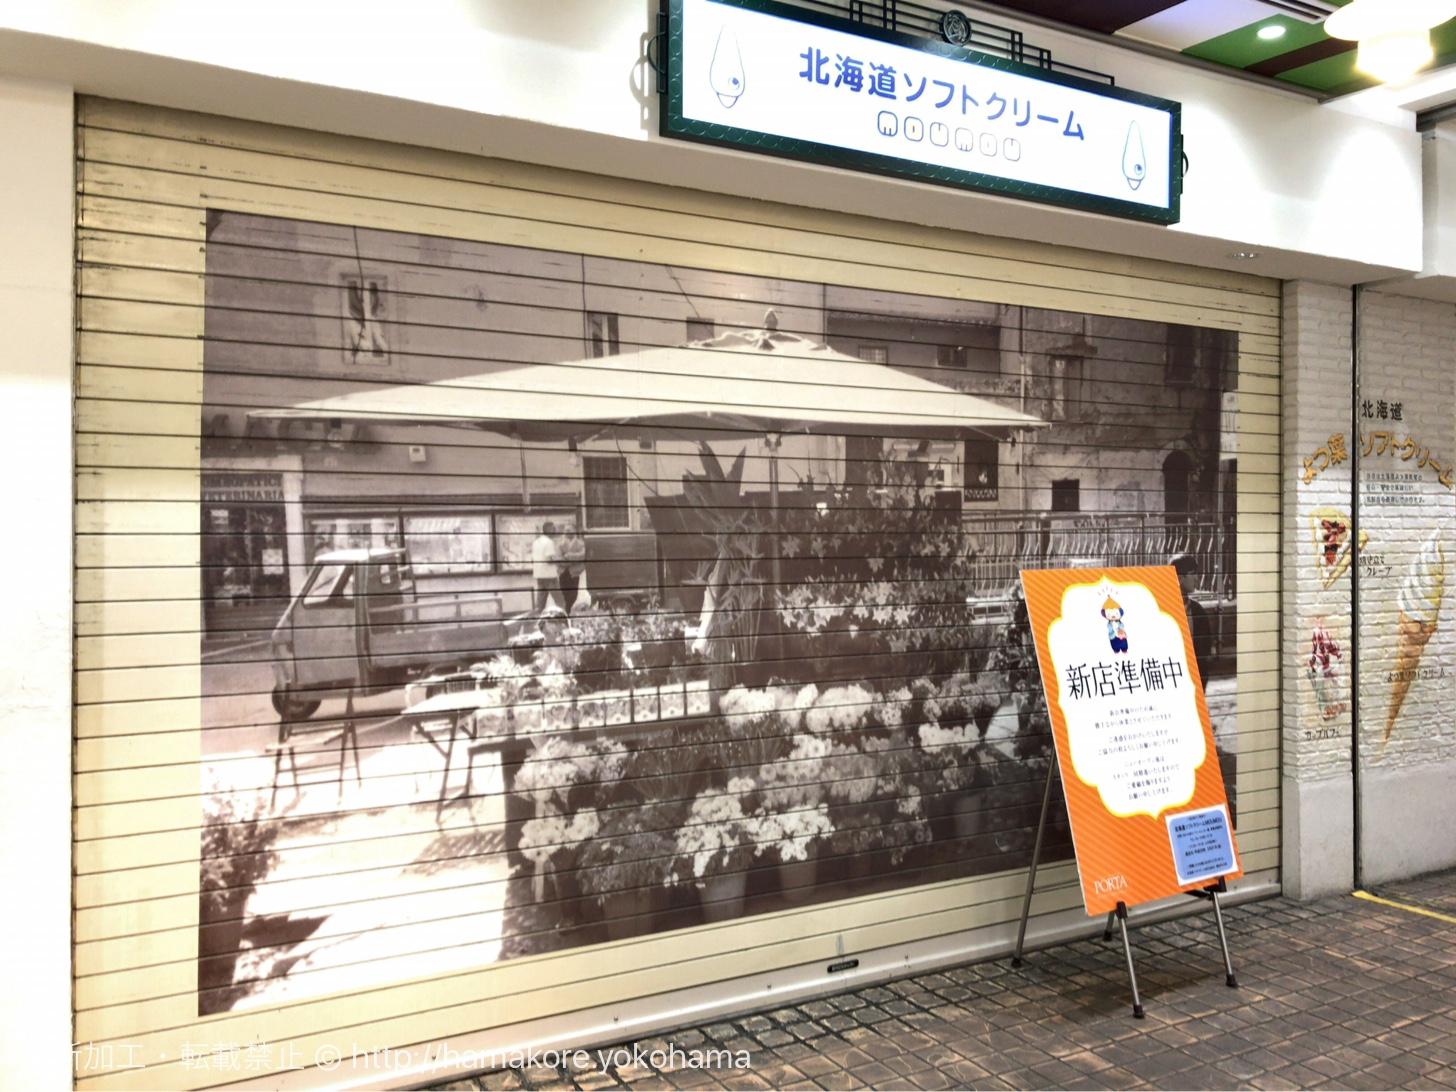 横浜駅 横浜ポルタ 北海道ソフトクリーム「MOUMOU」が閉店!